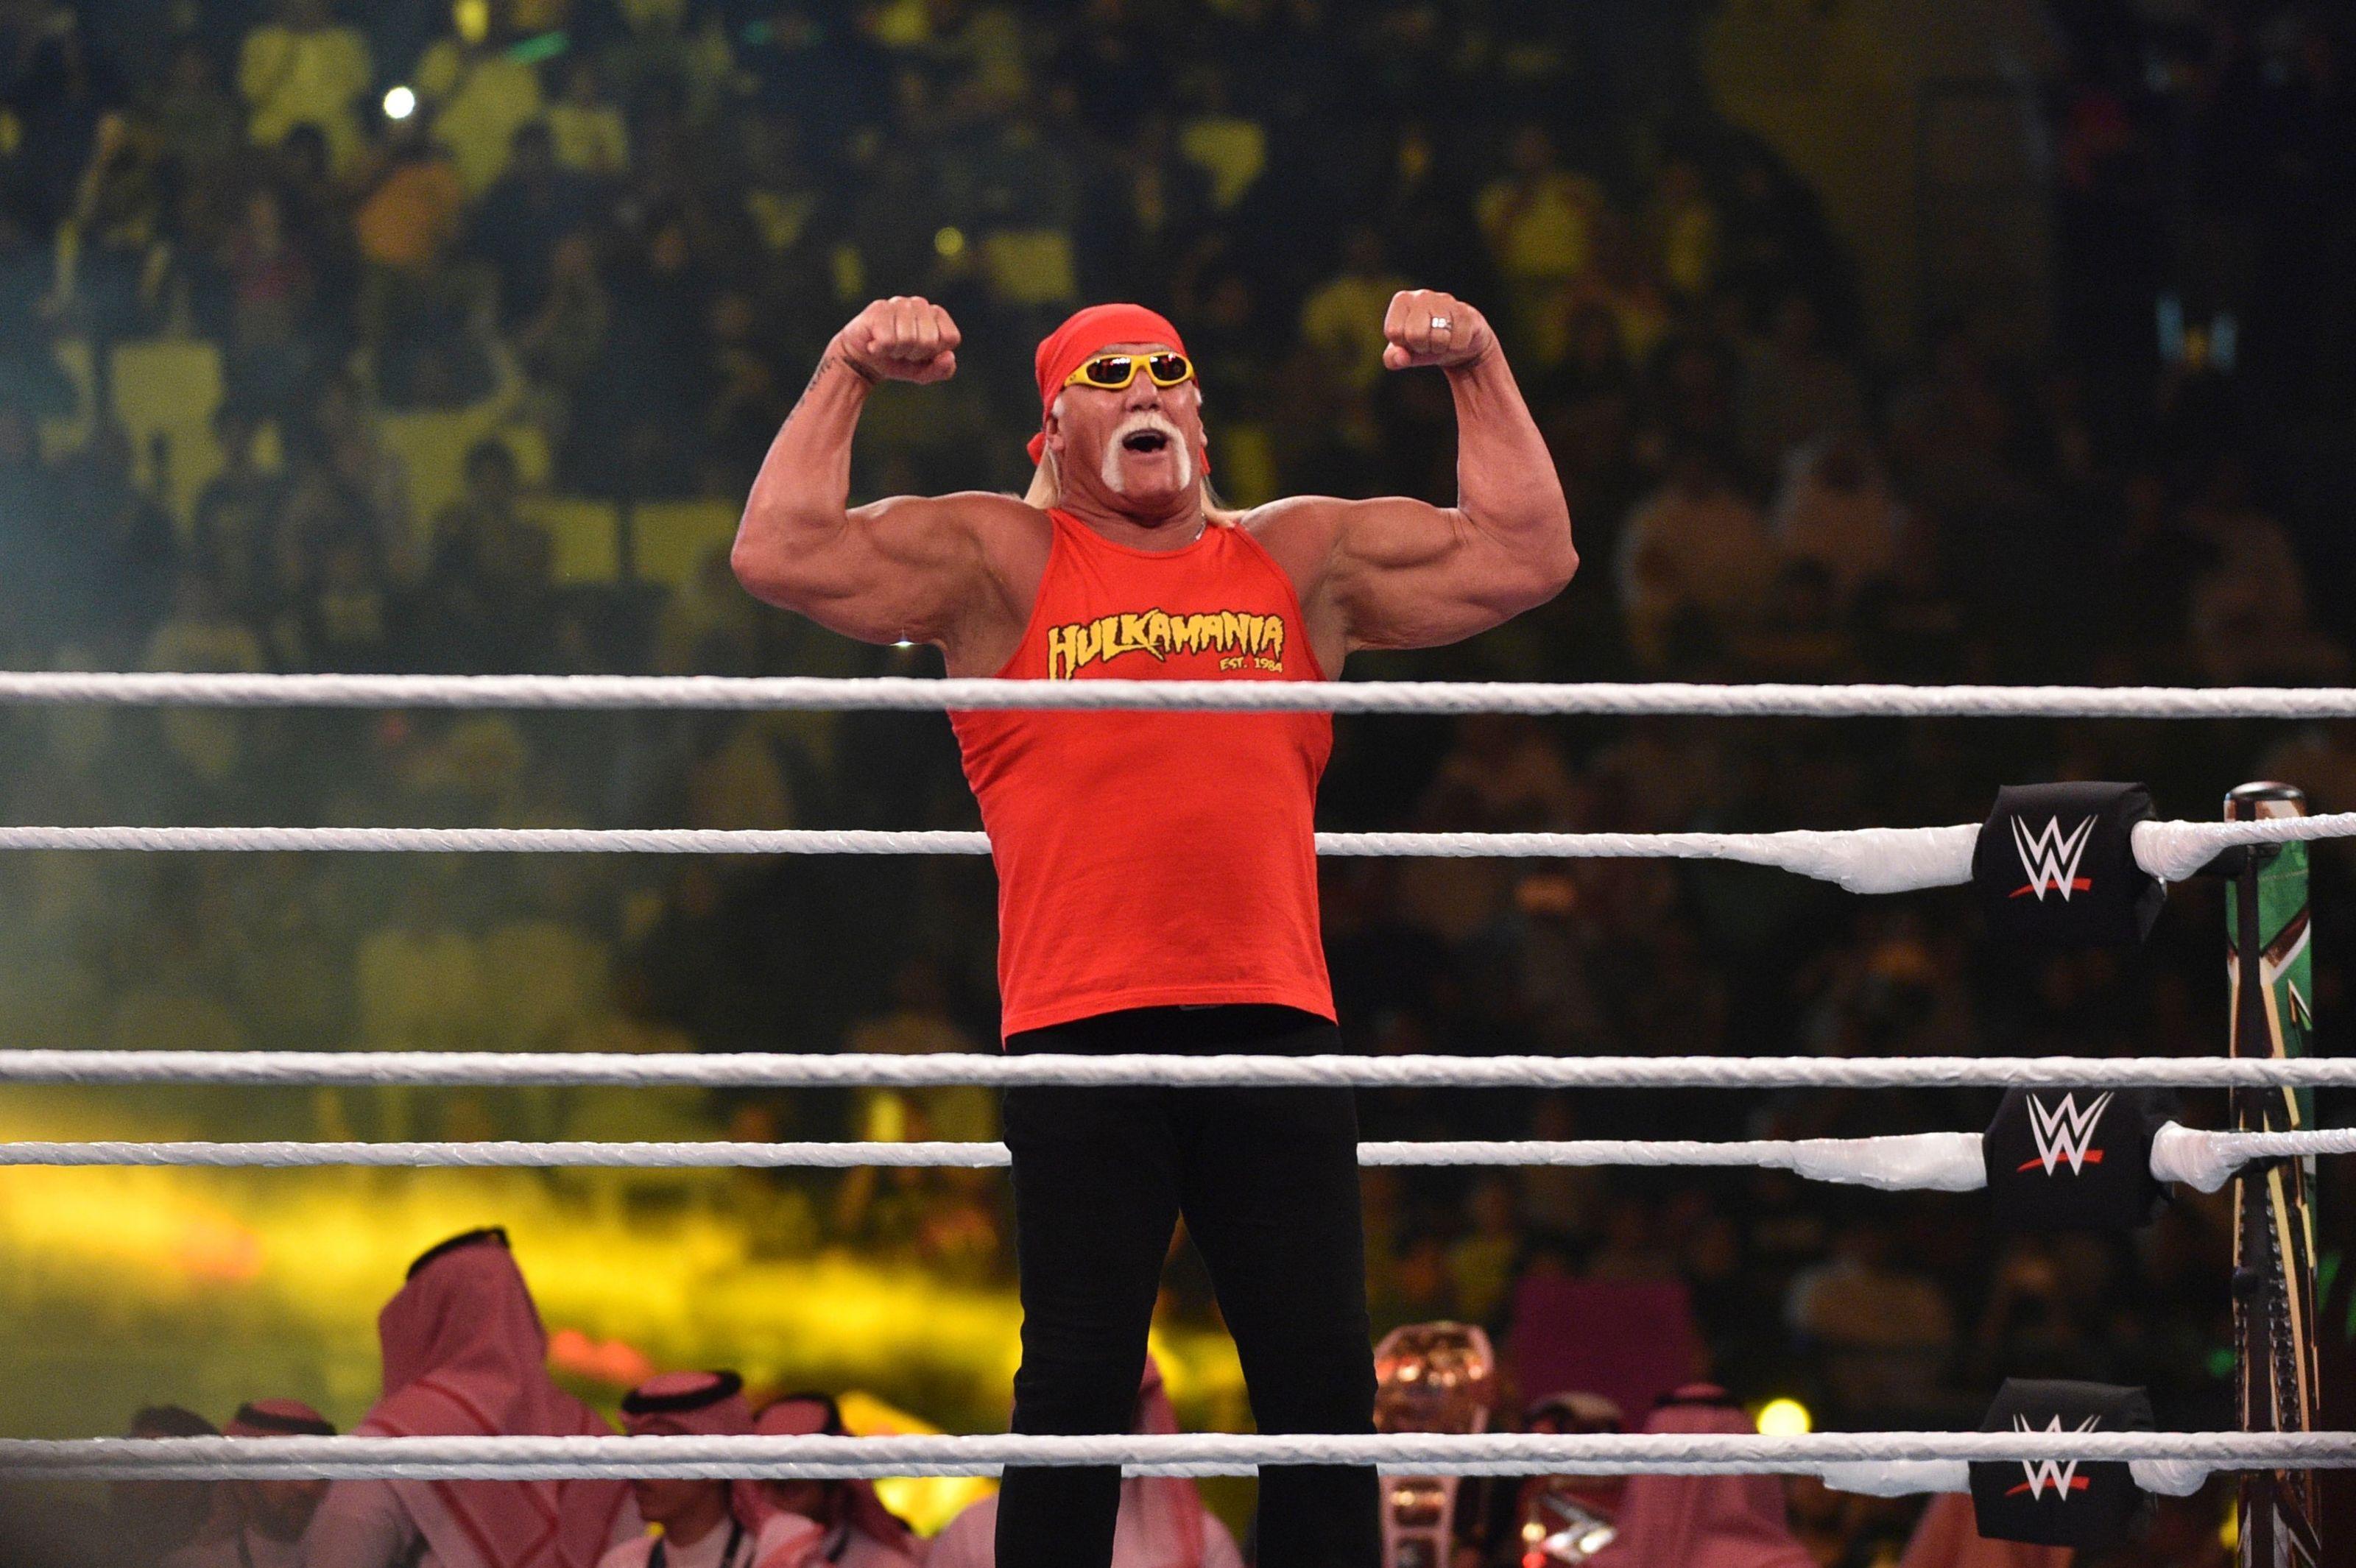 WWE brings out Hulk Hogan at WrestleMania for no reason